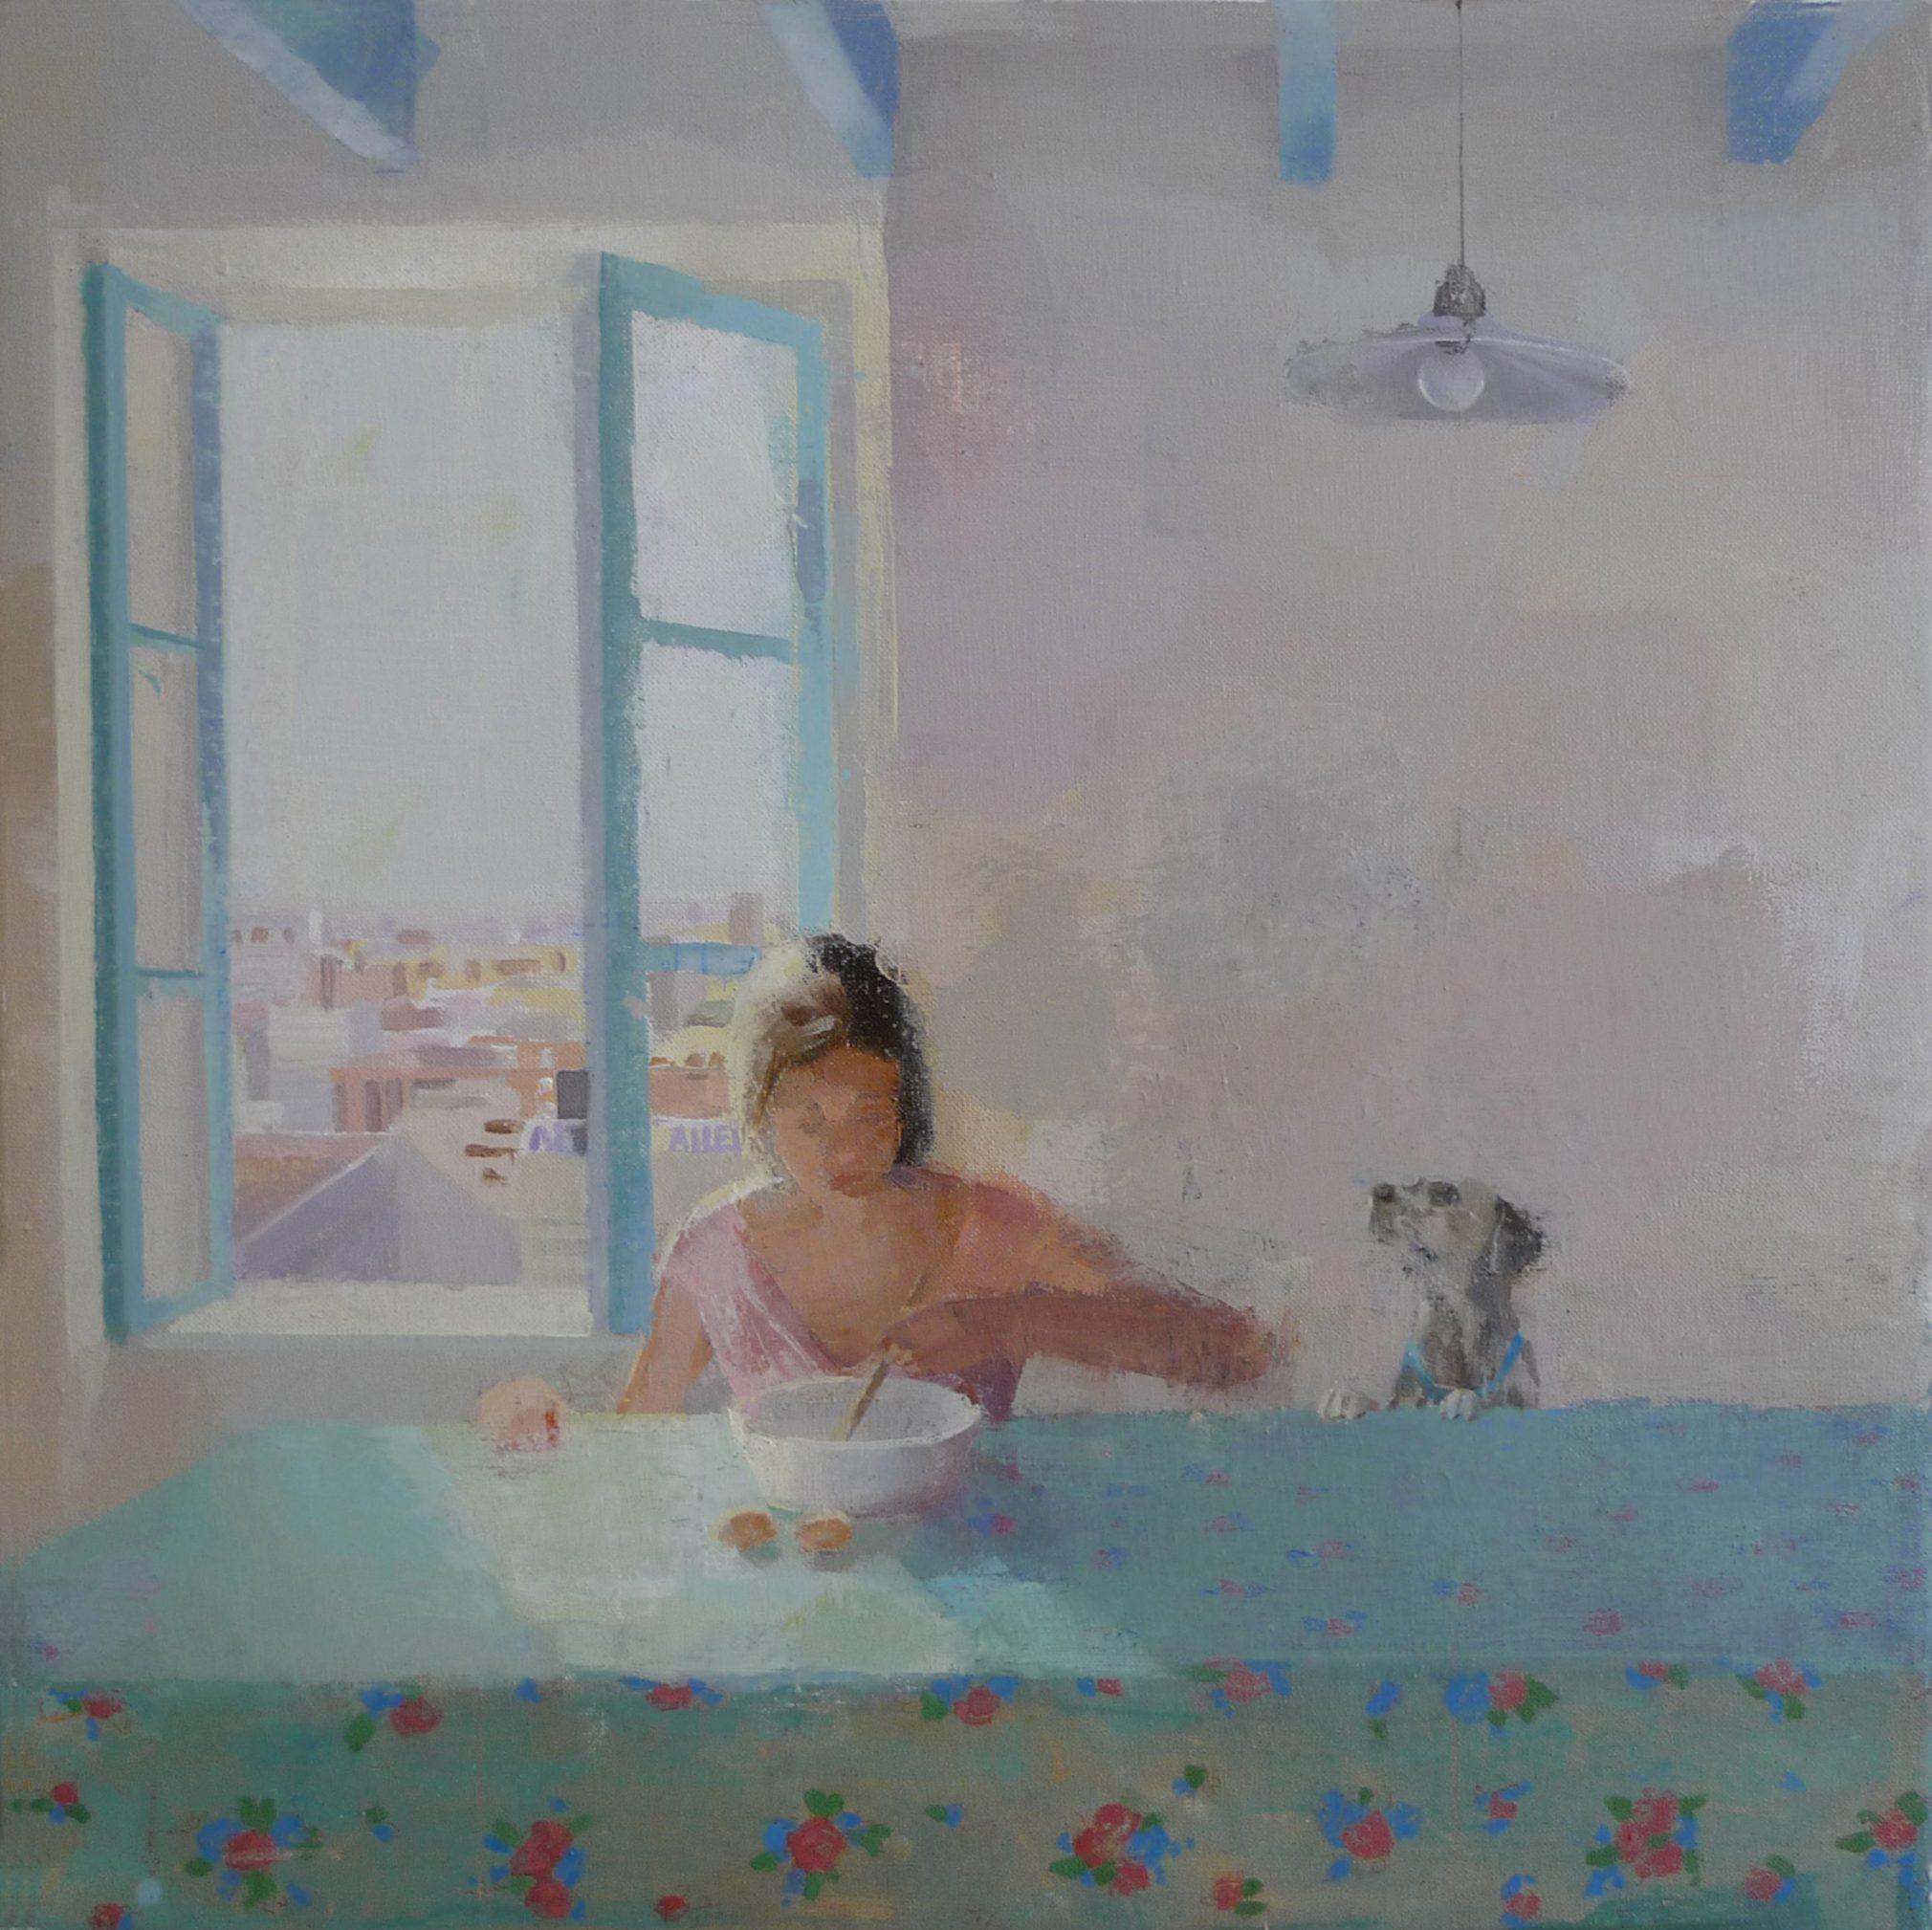 cocina-alejandra-caballero-oleo-mujer-cocinando-mesa-perro-ventana-abierta-luz